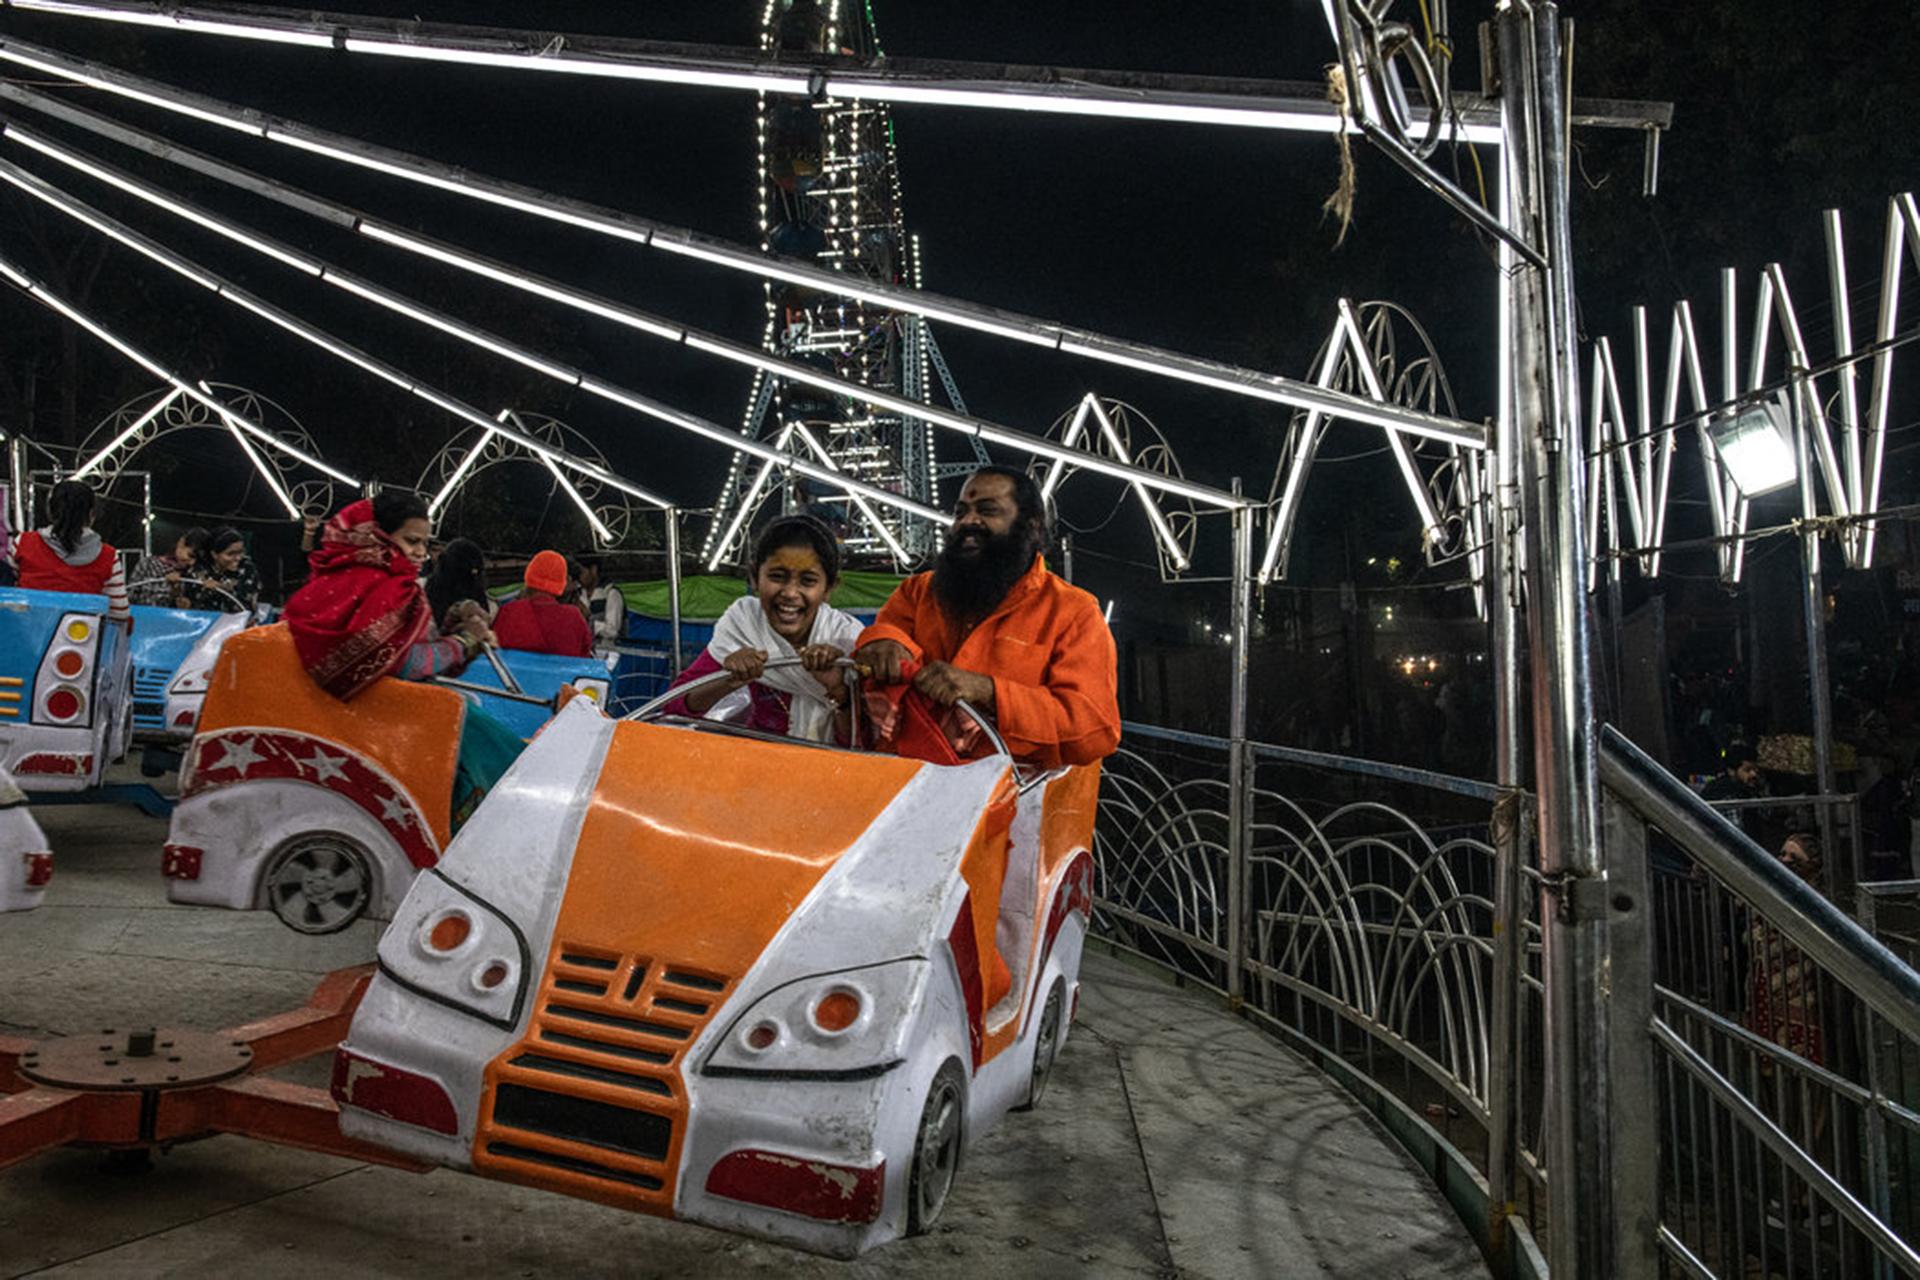 Un hombre santo y una niña disfrutaban de una de las atracciones mecánicas del festival. (The New York Times)